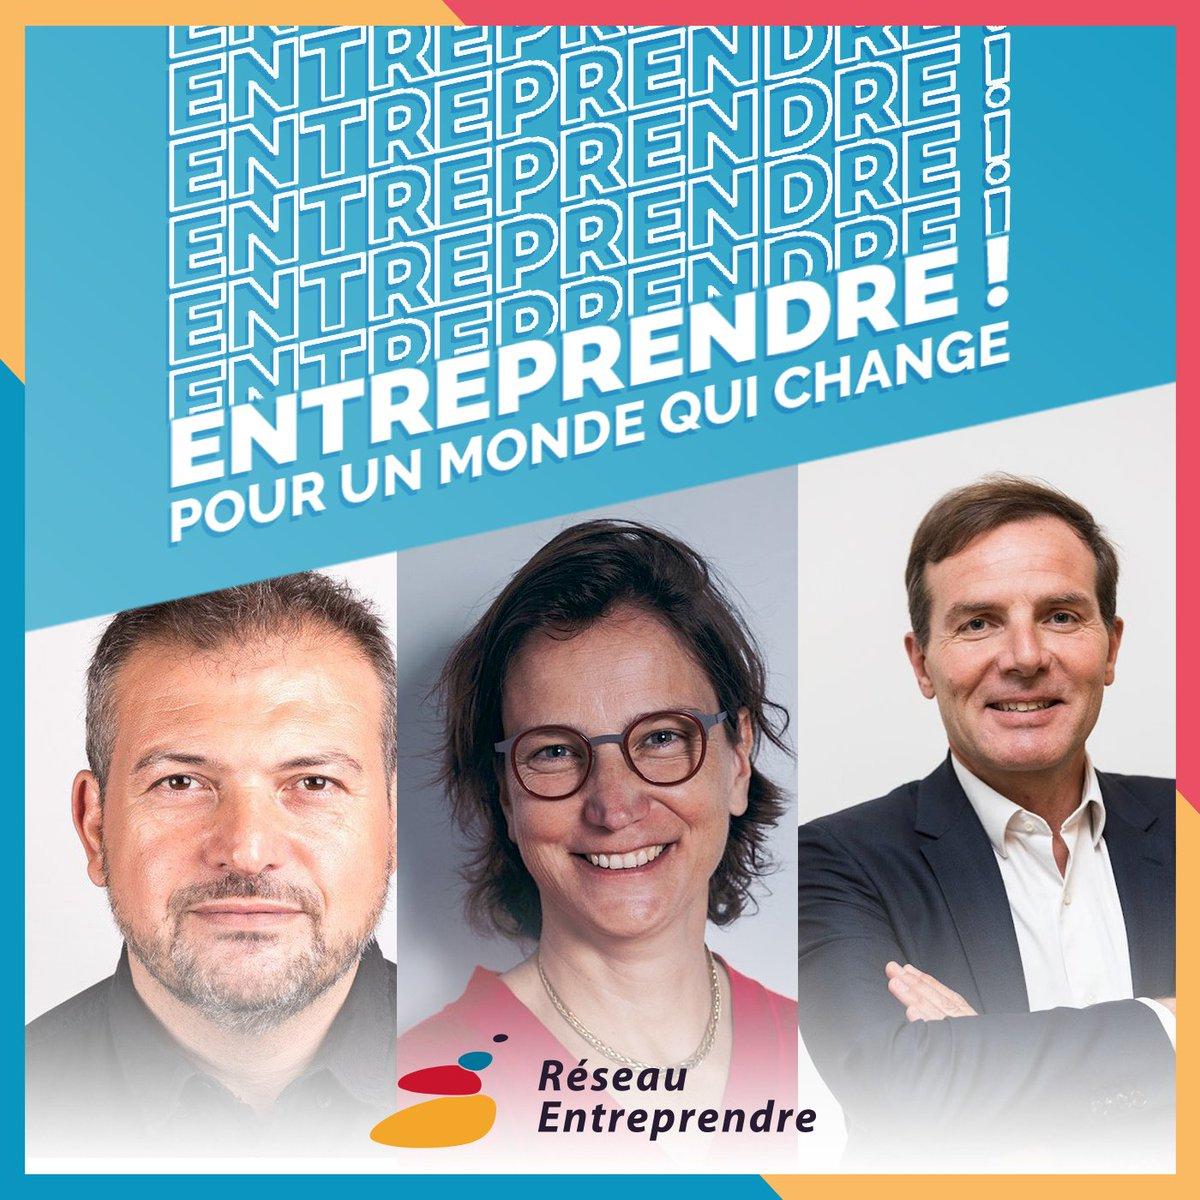 [Podcast] Dans ce 1er épisode, nos 3 invités vous encouragent à vous engager dans l'entrepreneuriat, encore + en temps de temps de crise : Jerome Schatzman, Delphine Carpier et Olivier de la Chevasnerie, président de RE. 👇 https://t.co/i0SkcM7QTm 👉 https://t.co/FBCBfEWm3s https://t.co/Mo3JV39xUm